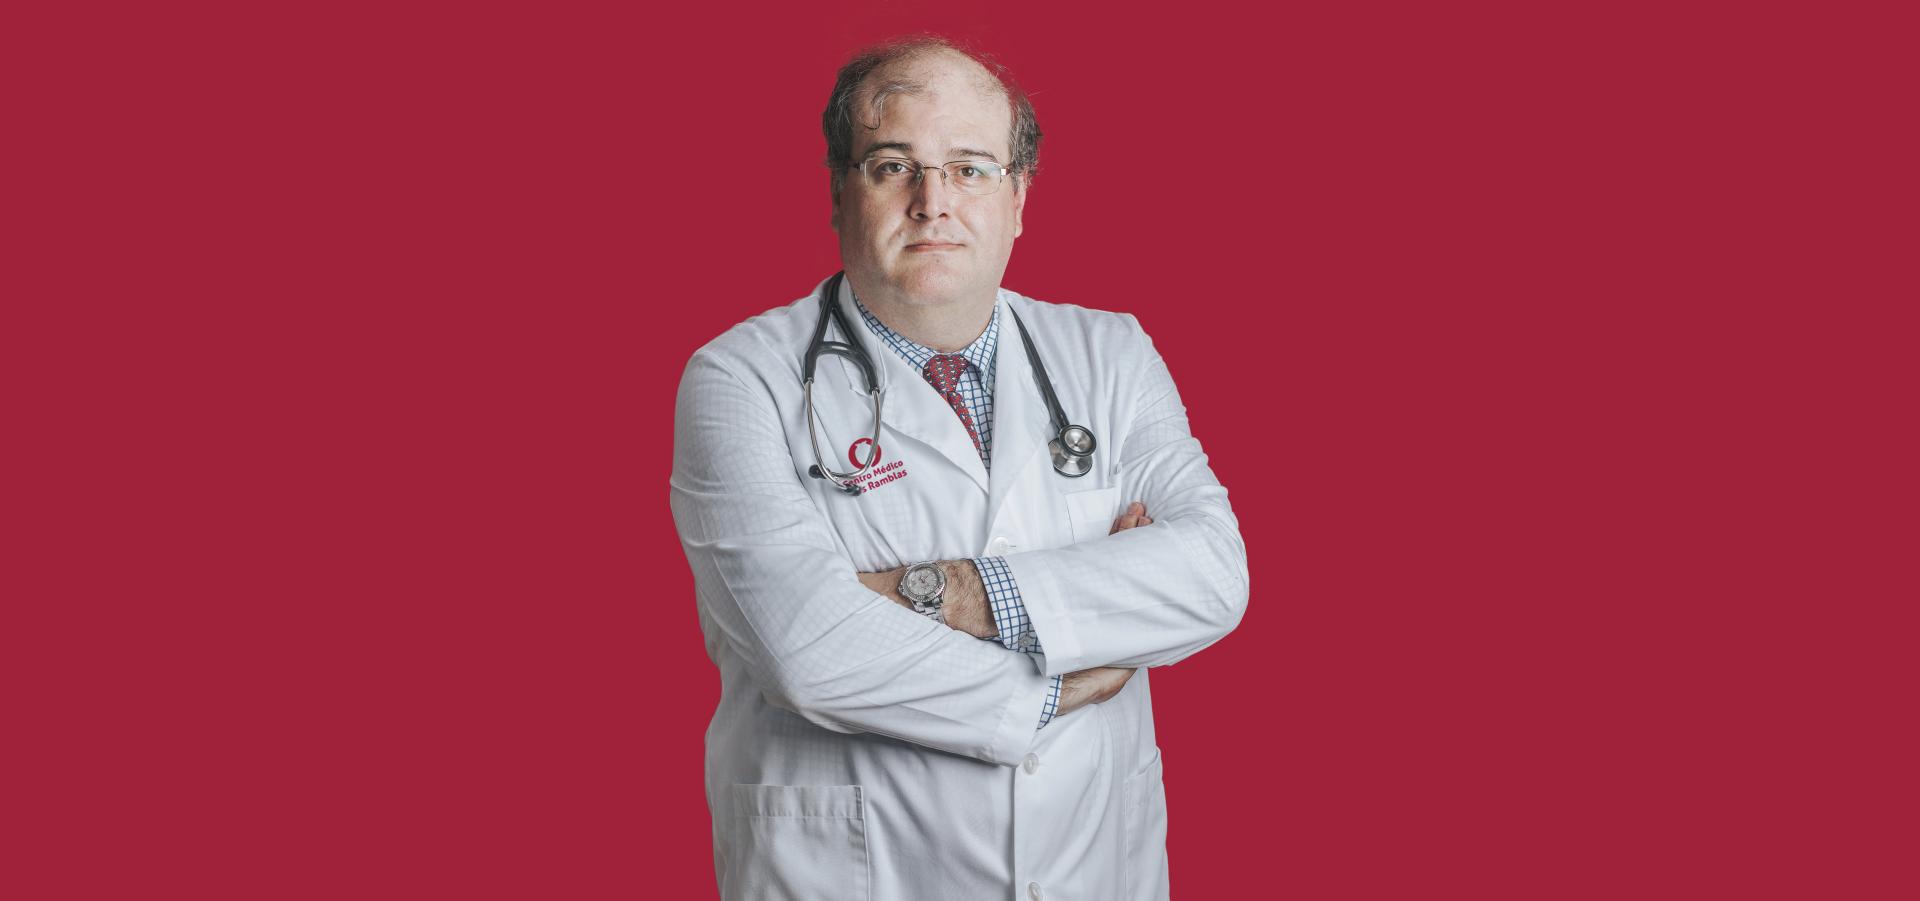 Dr. Antonio García Quintana